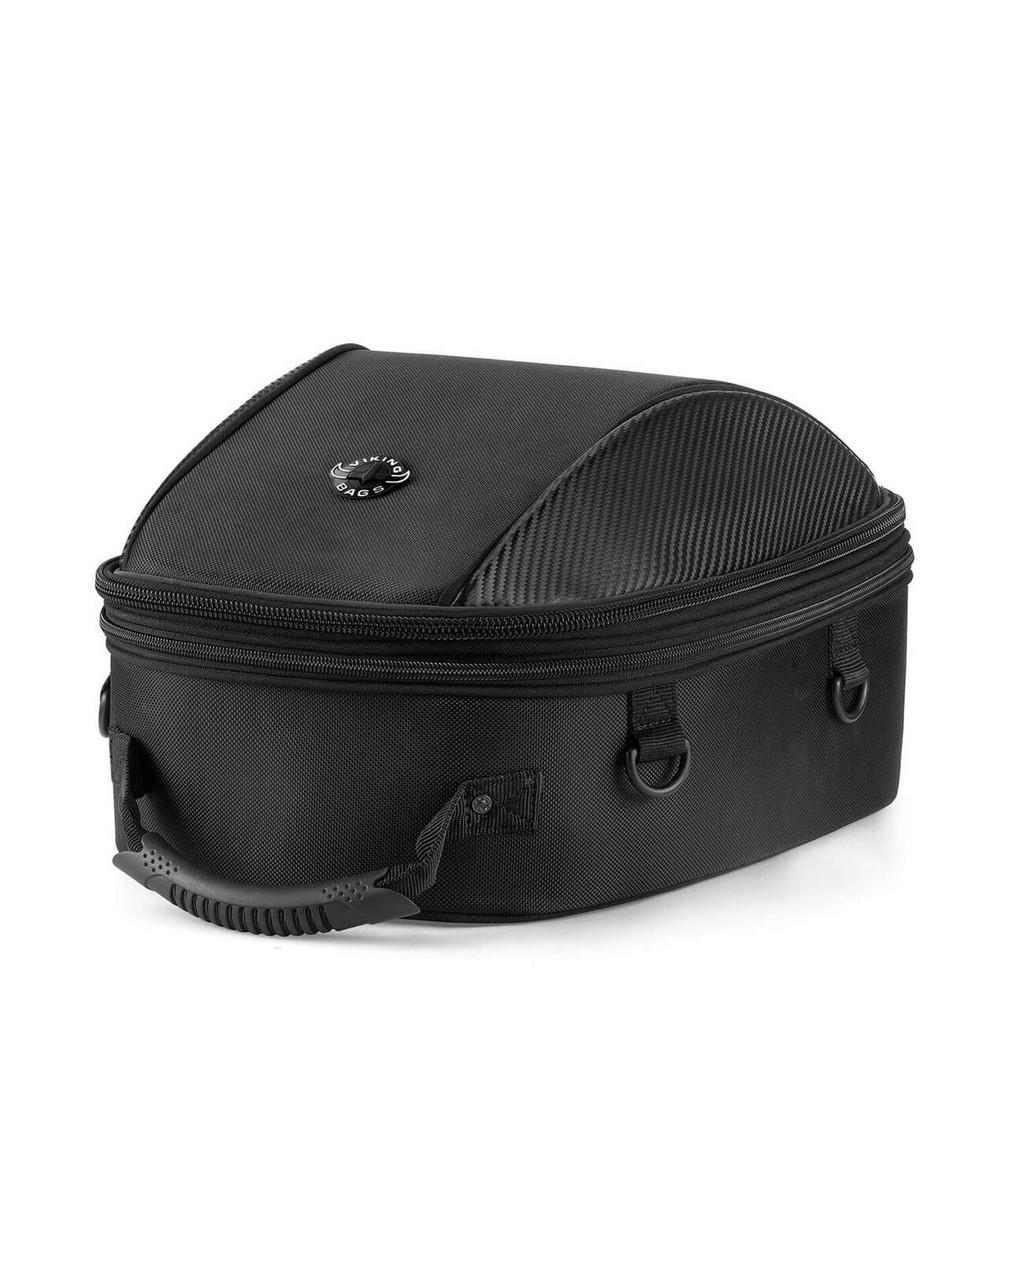 Kawasaki Viking Large Black Tail Bag Main Bag View